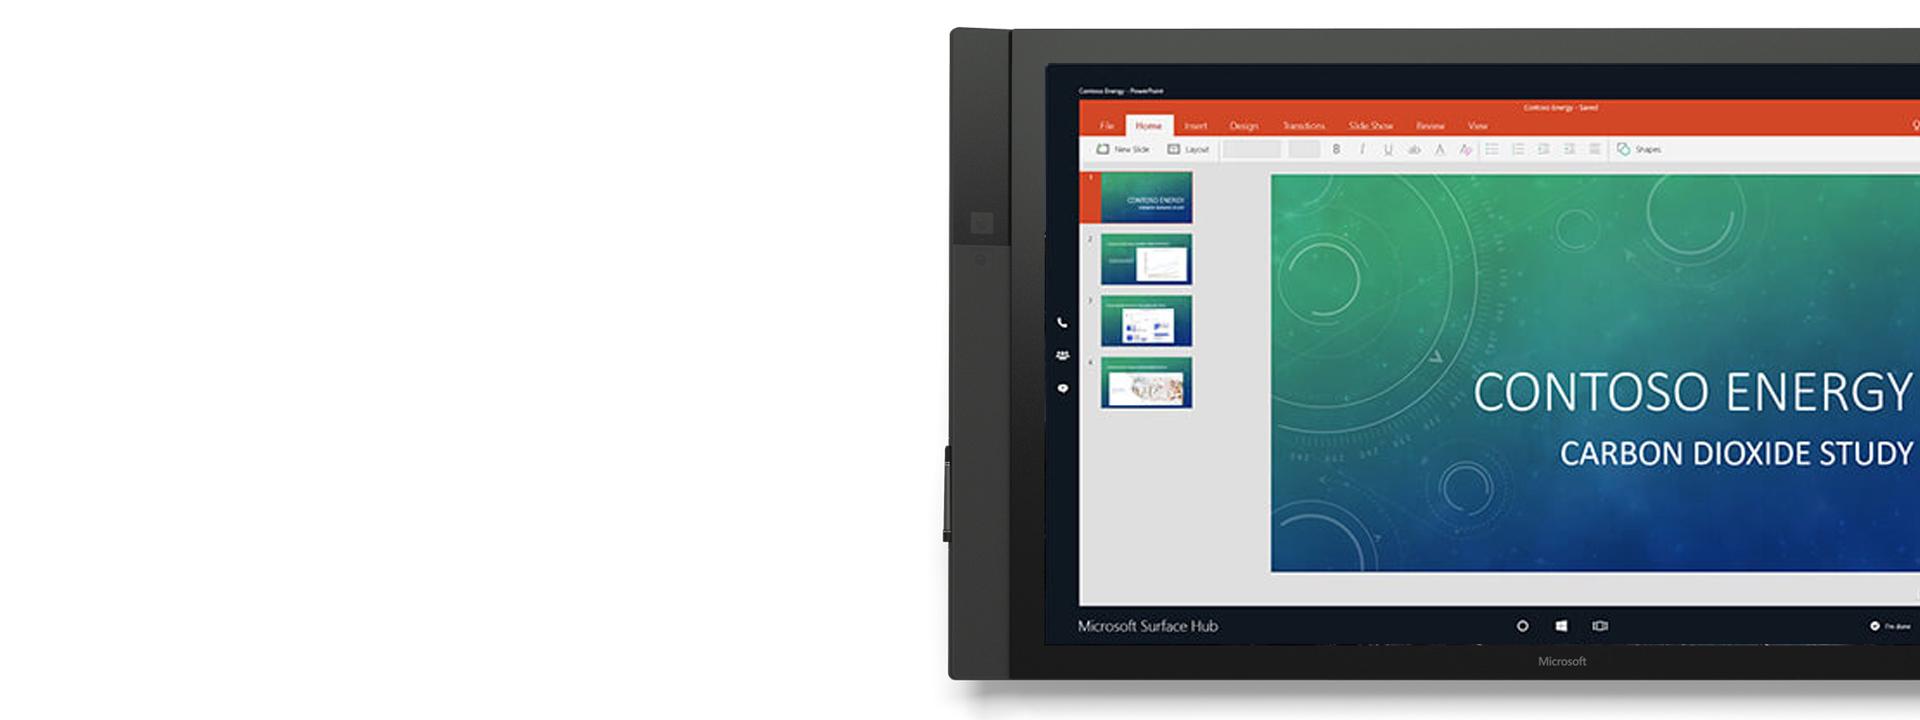 O Microsoft PowerPoint em utilização no Surface Hub.